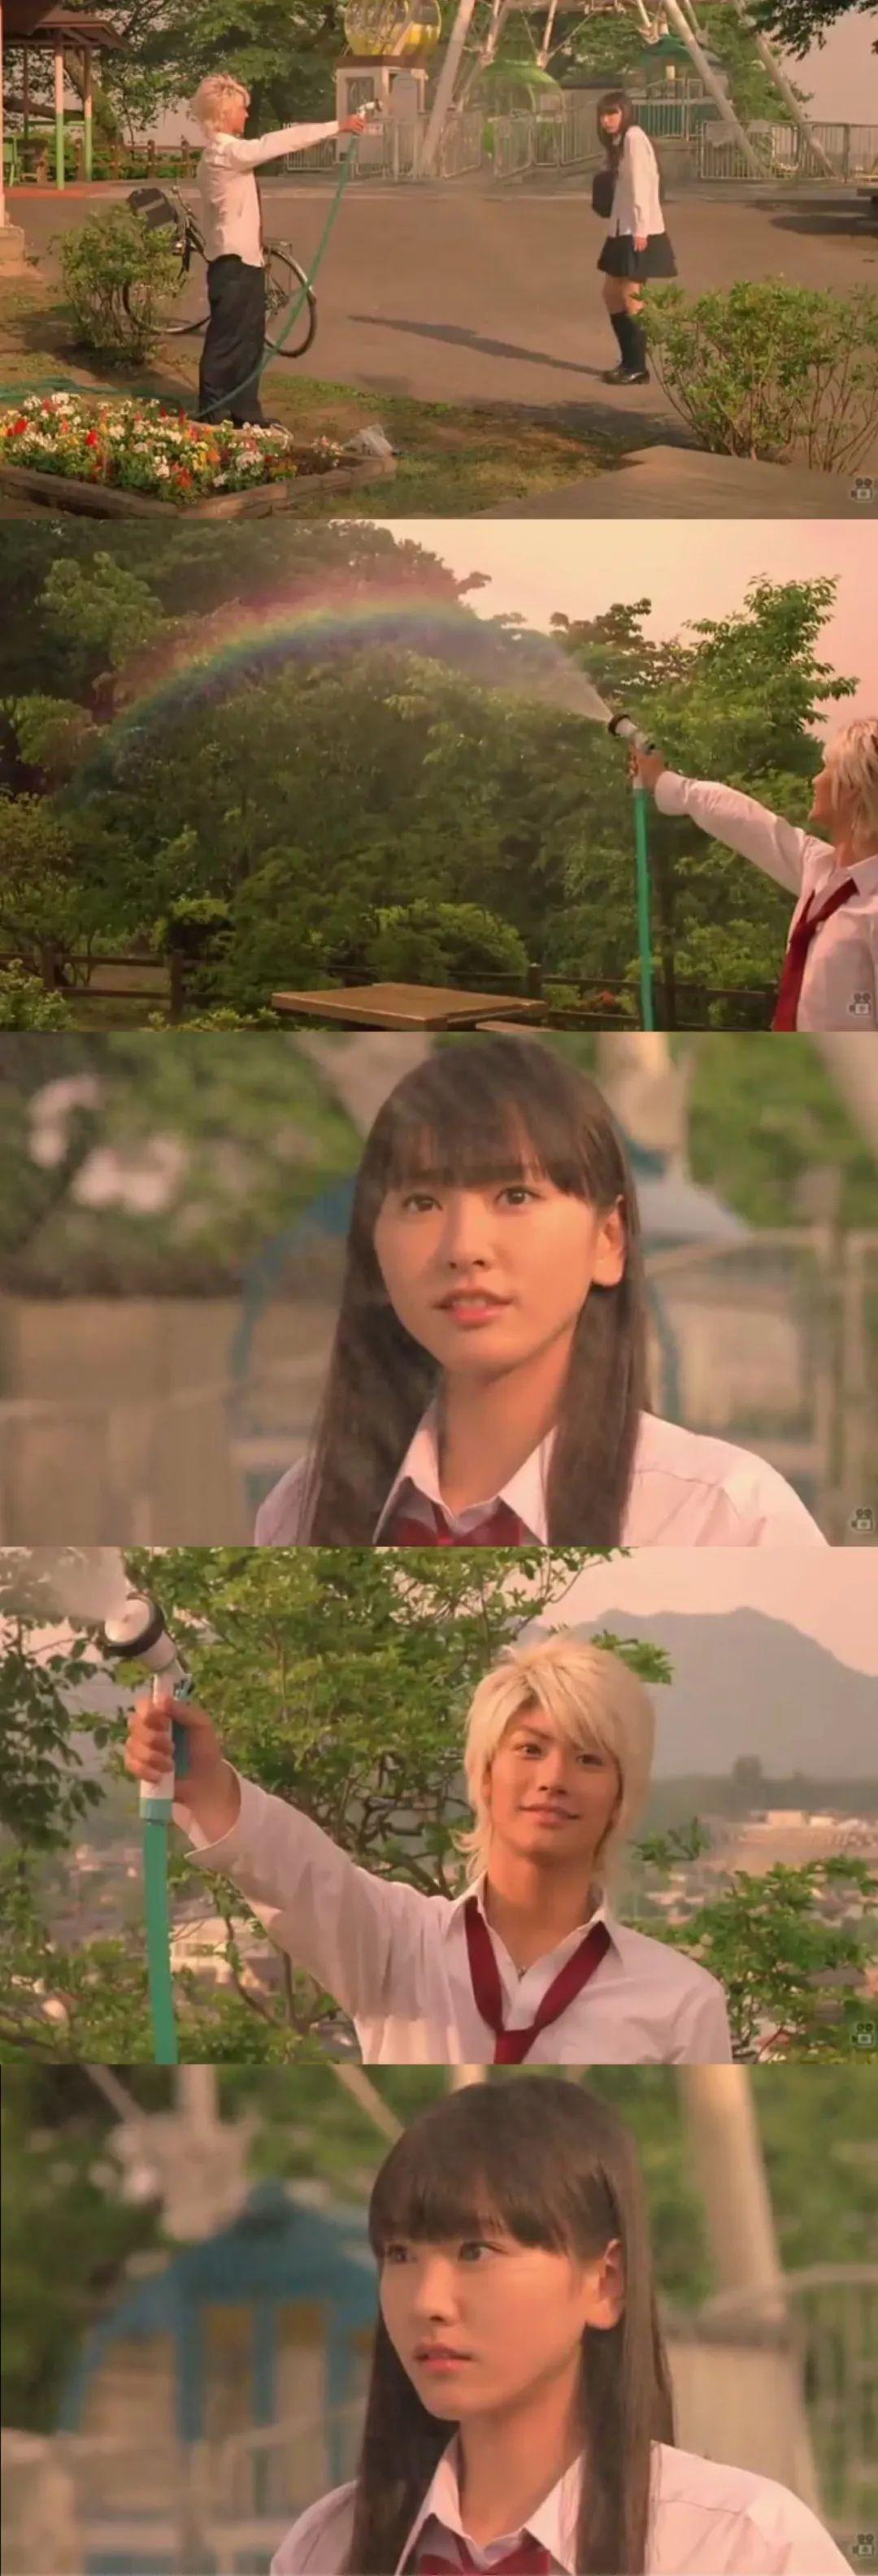 新垣结衣 恋空(2007年)剧情截图,青涩的新垣结衣_图片 No.1